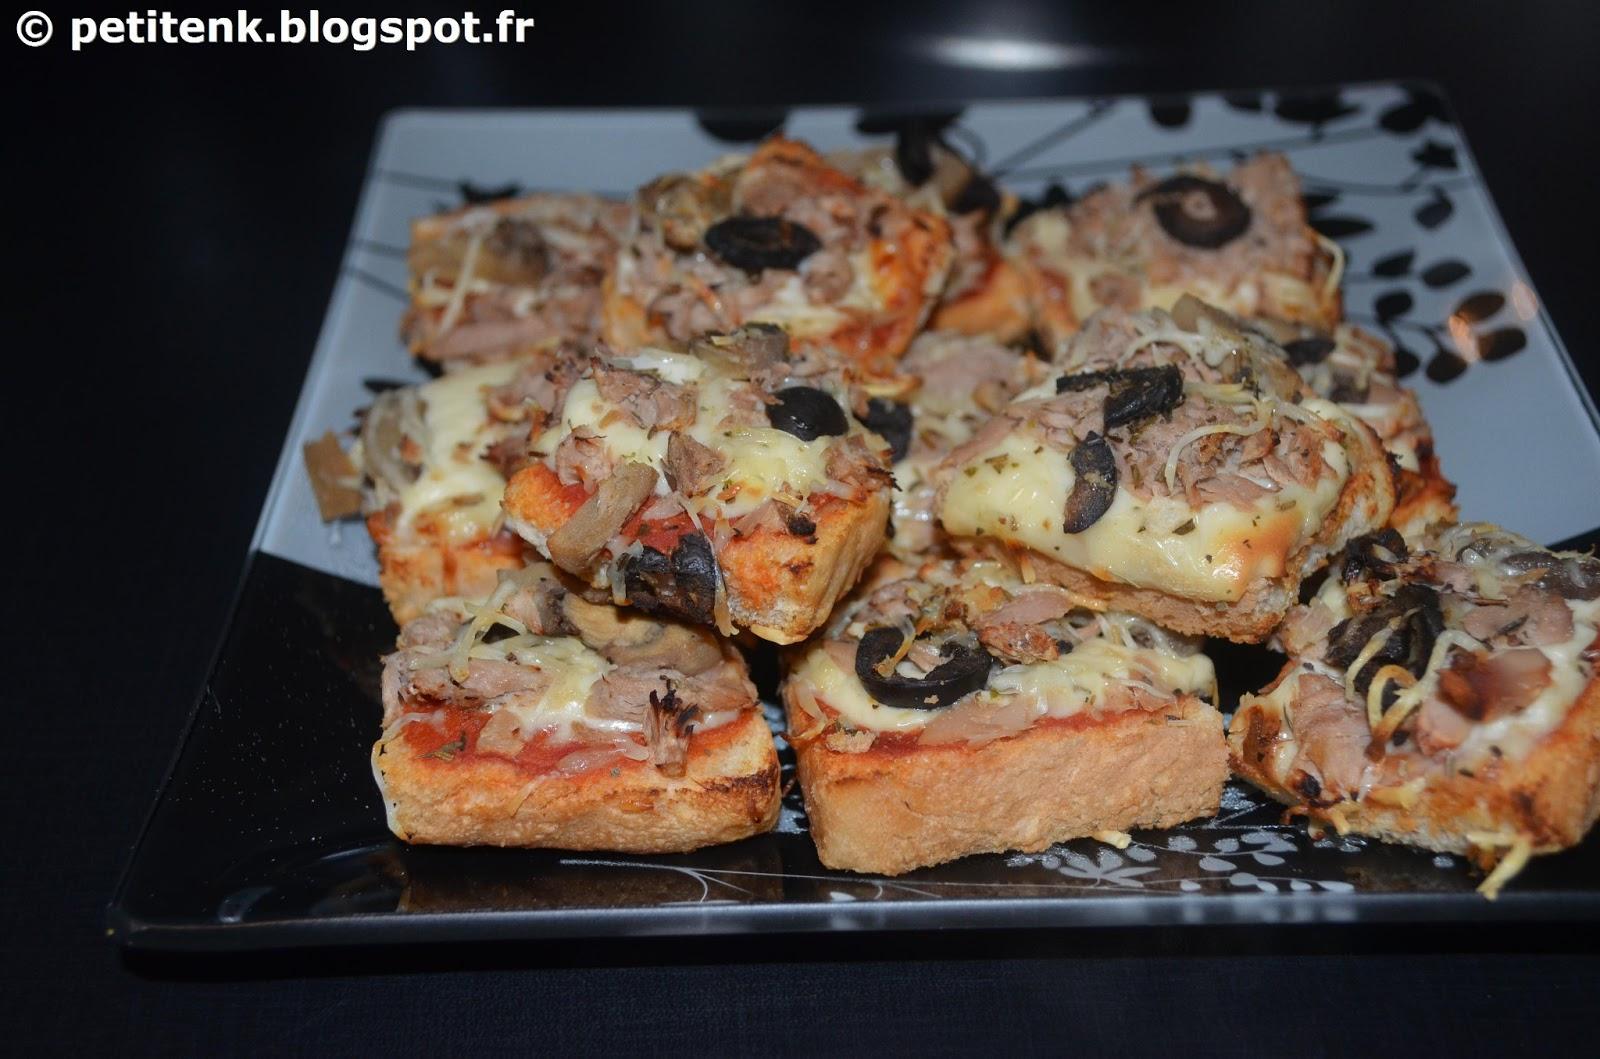 Petit en k mini pizza ap ritif facile et rapide - Apero facile et rapide ...